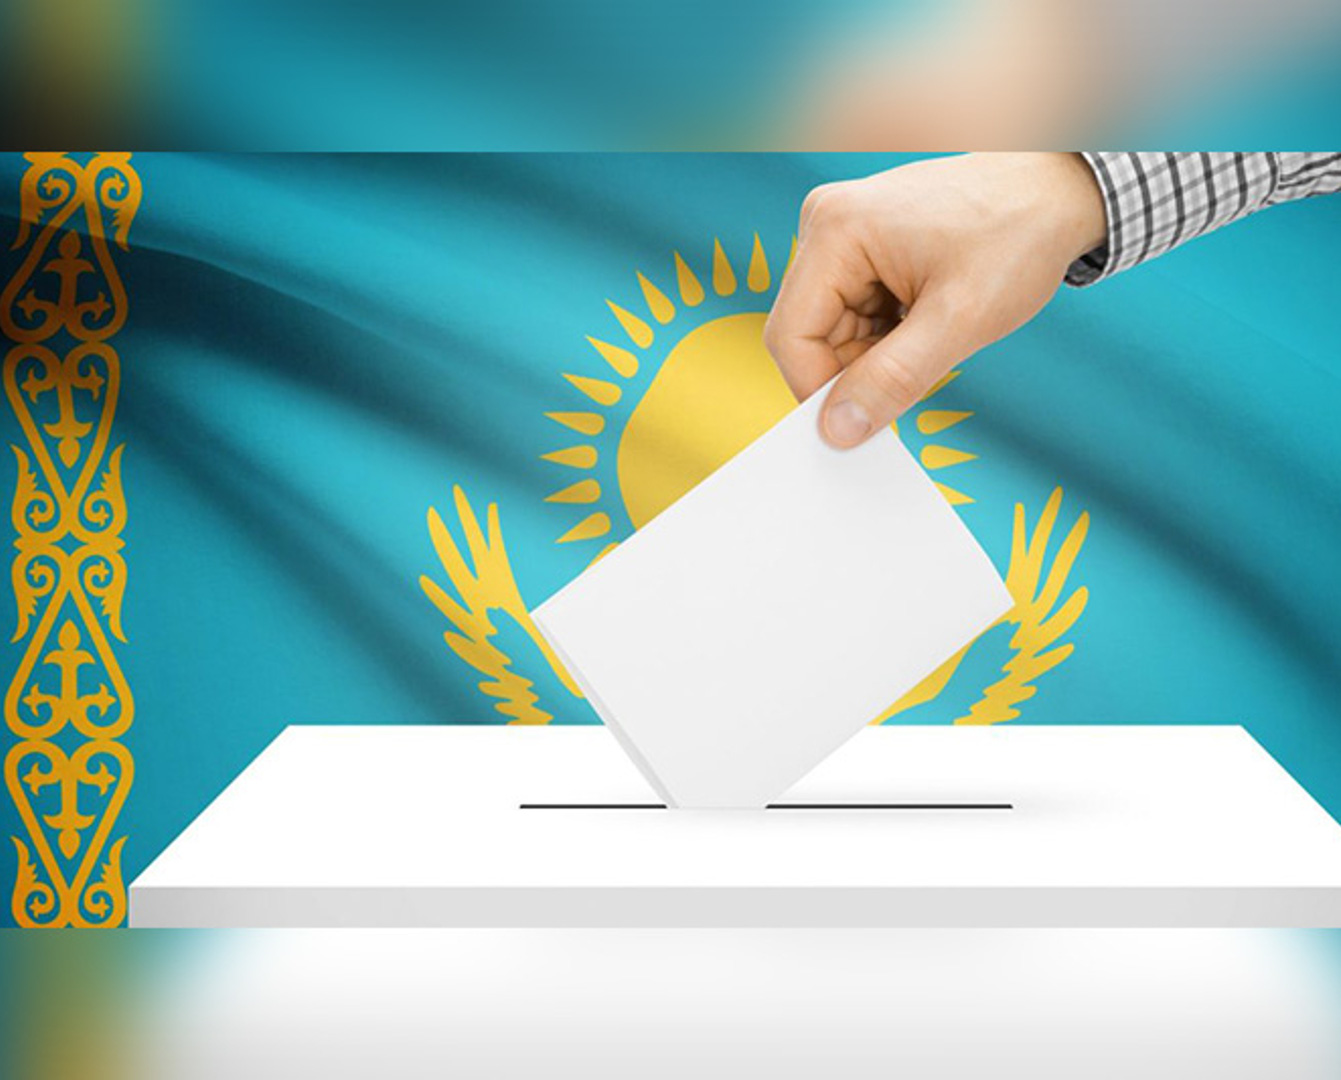 Выдвижение кандидатов в Президенты РК начинается с 10 апреля и завершается 28 апреля